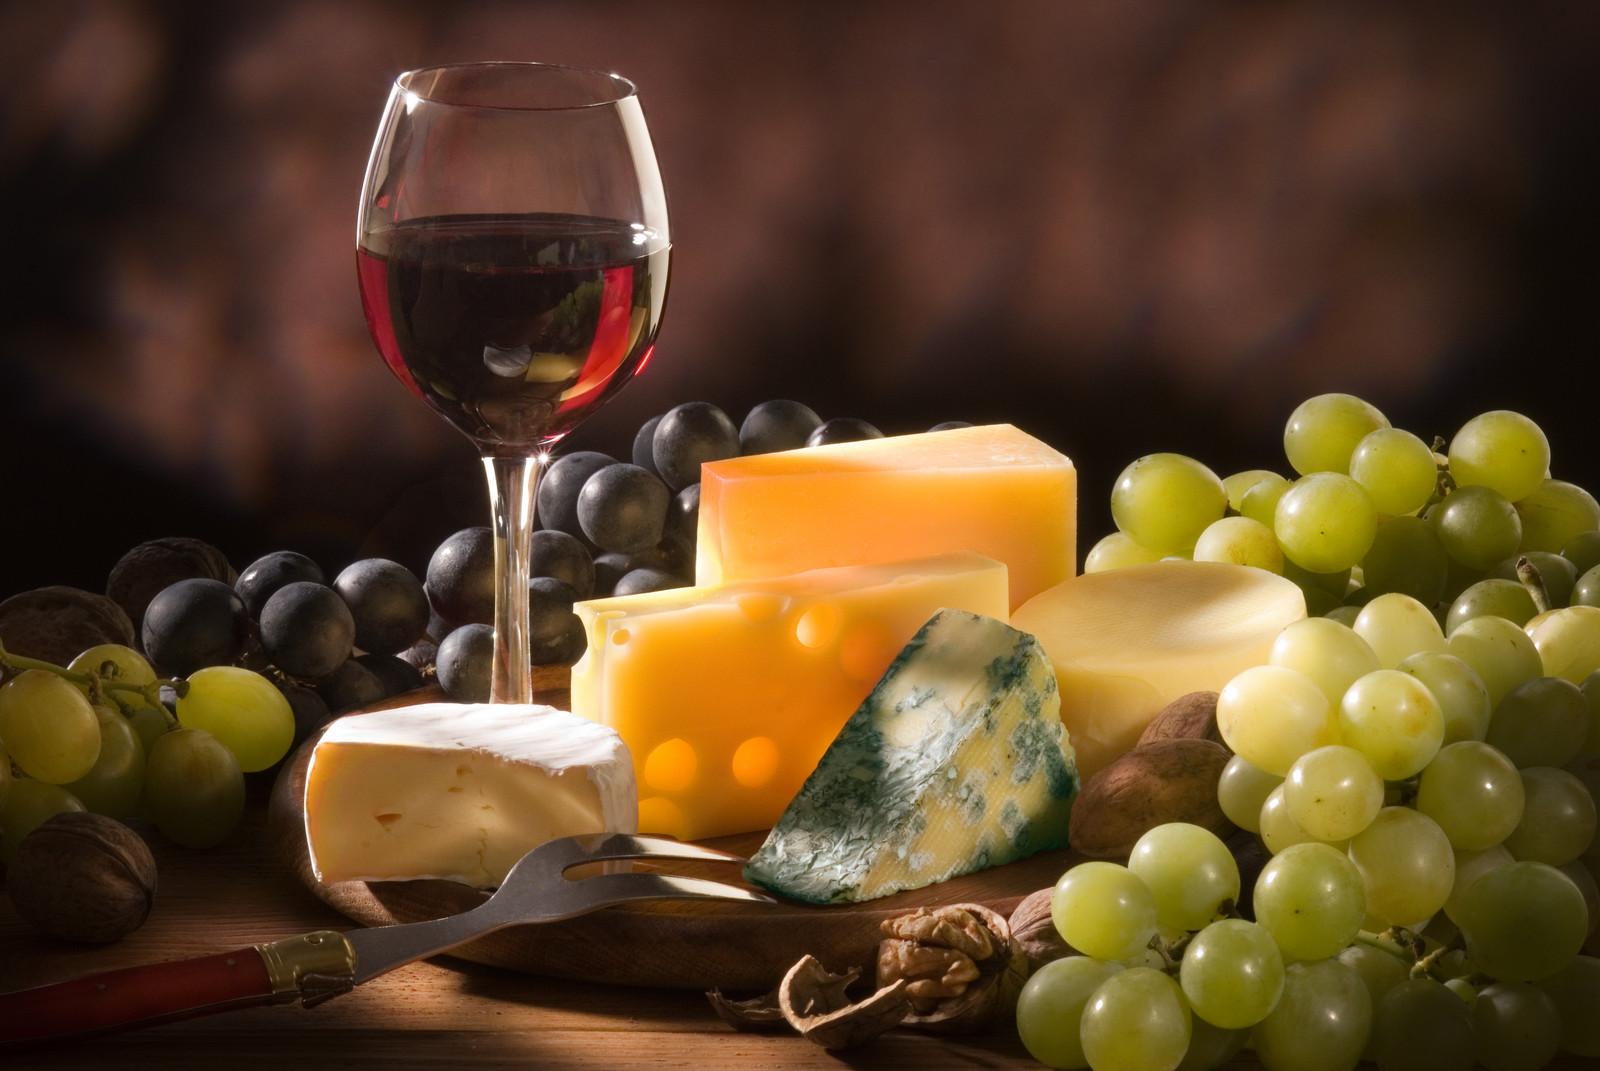 виноград и красное вино, бокал вина, скачать фото, натюрморт, обои на рабочий стол